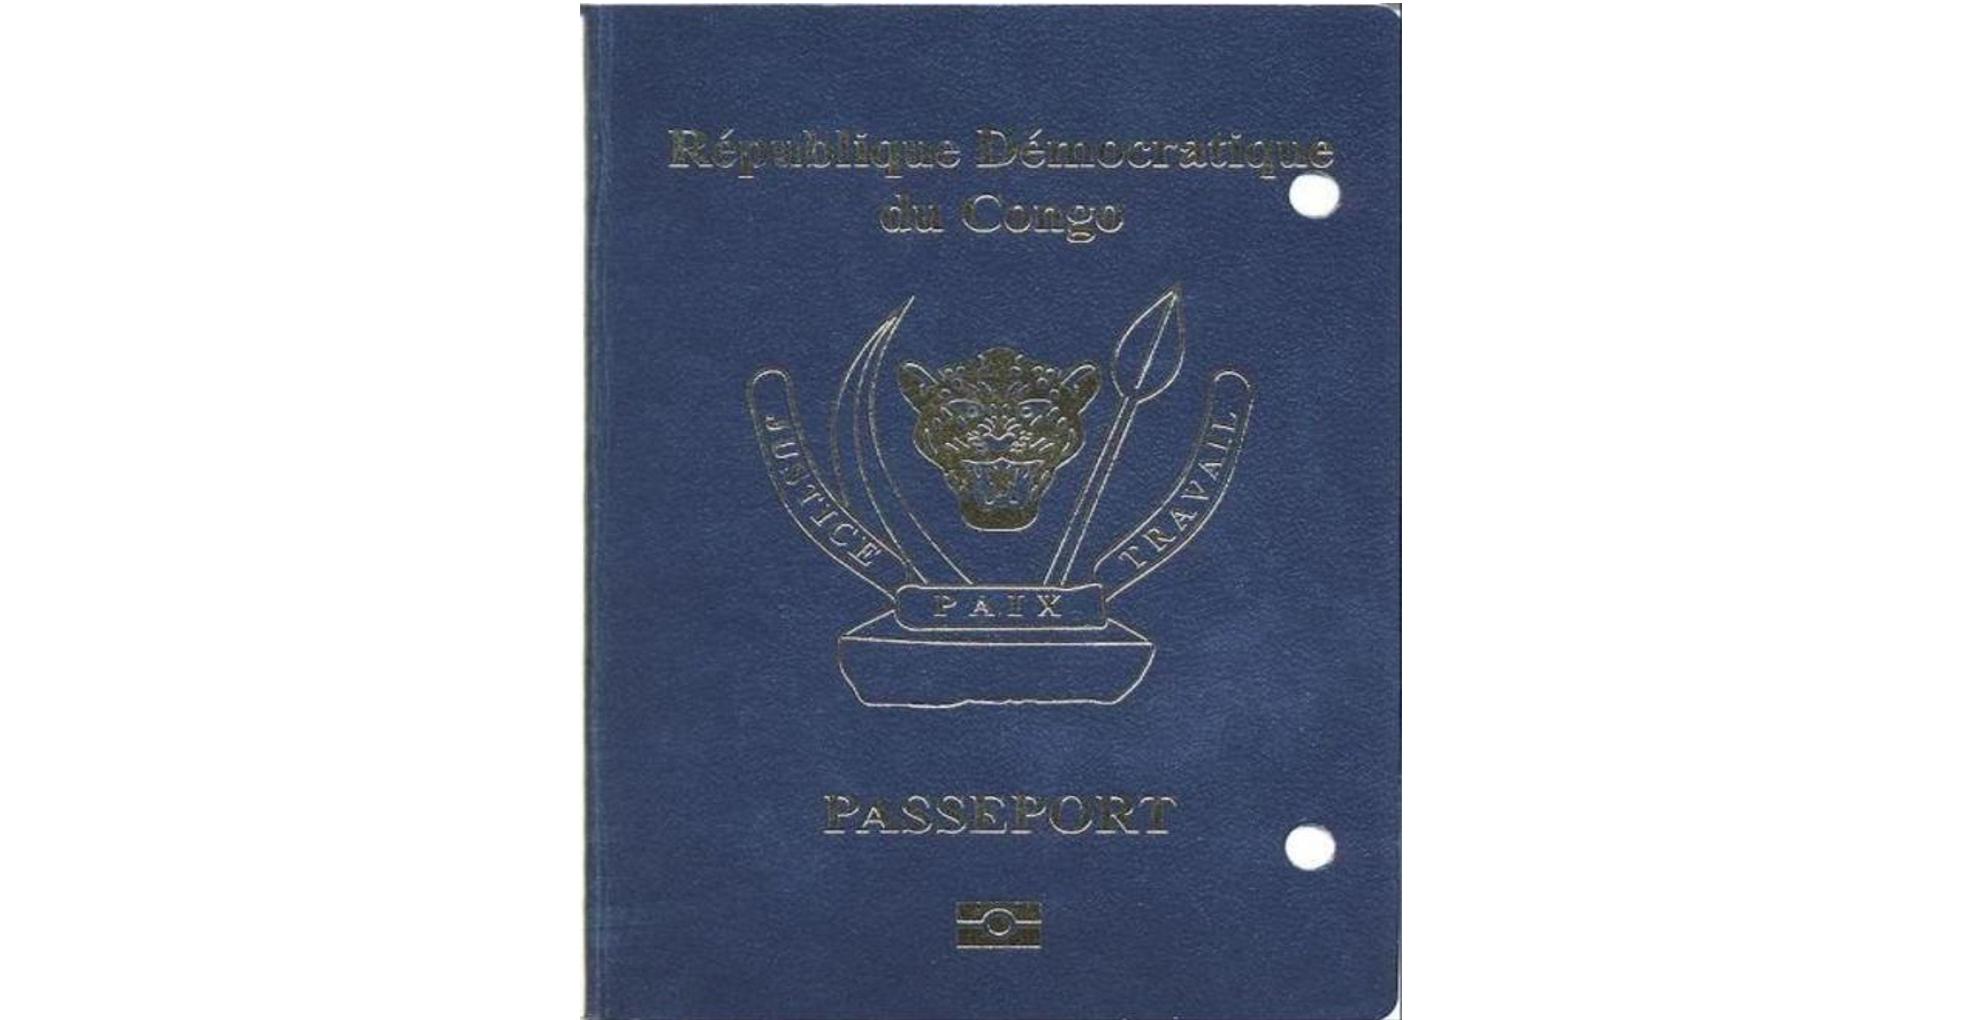 Un passeport congolais. Depuis plusieurs jours, la question de la nationalité anime les débats et divise en RDC.